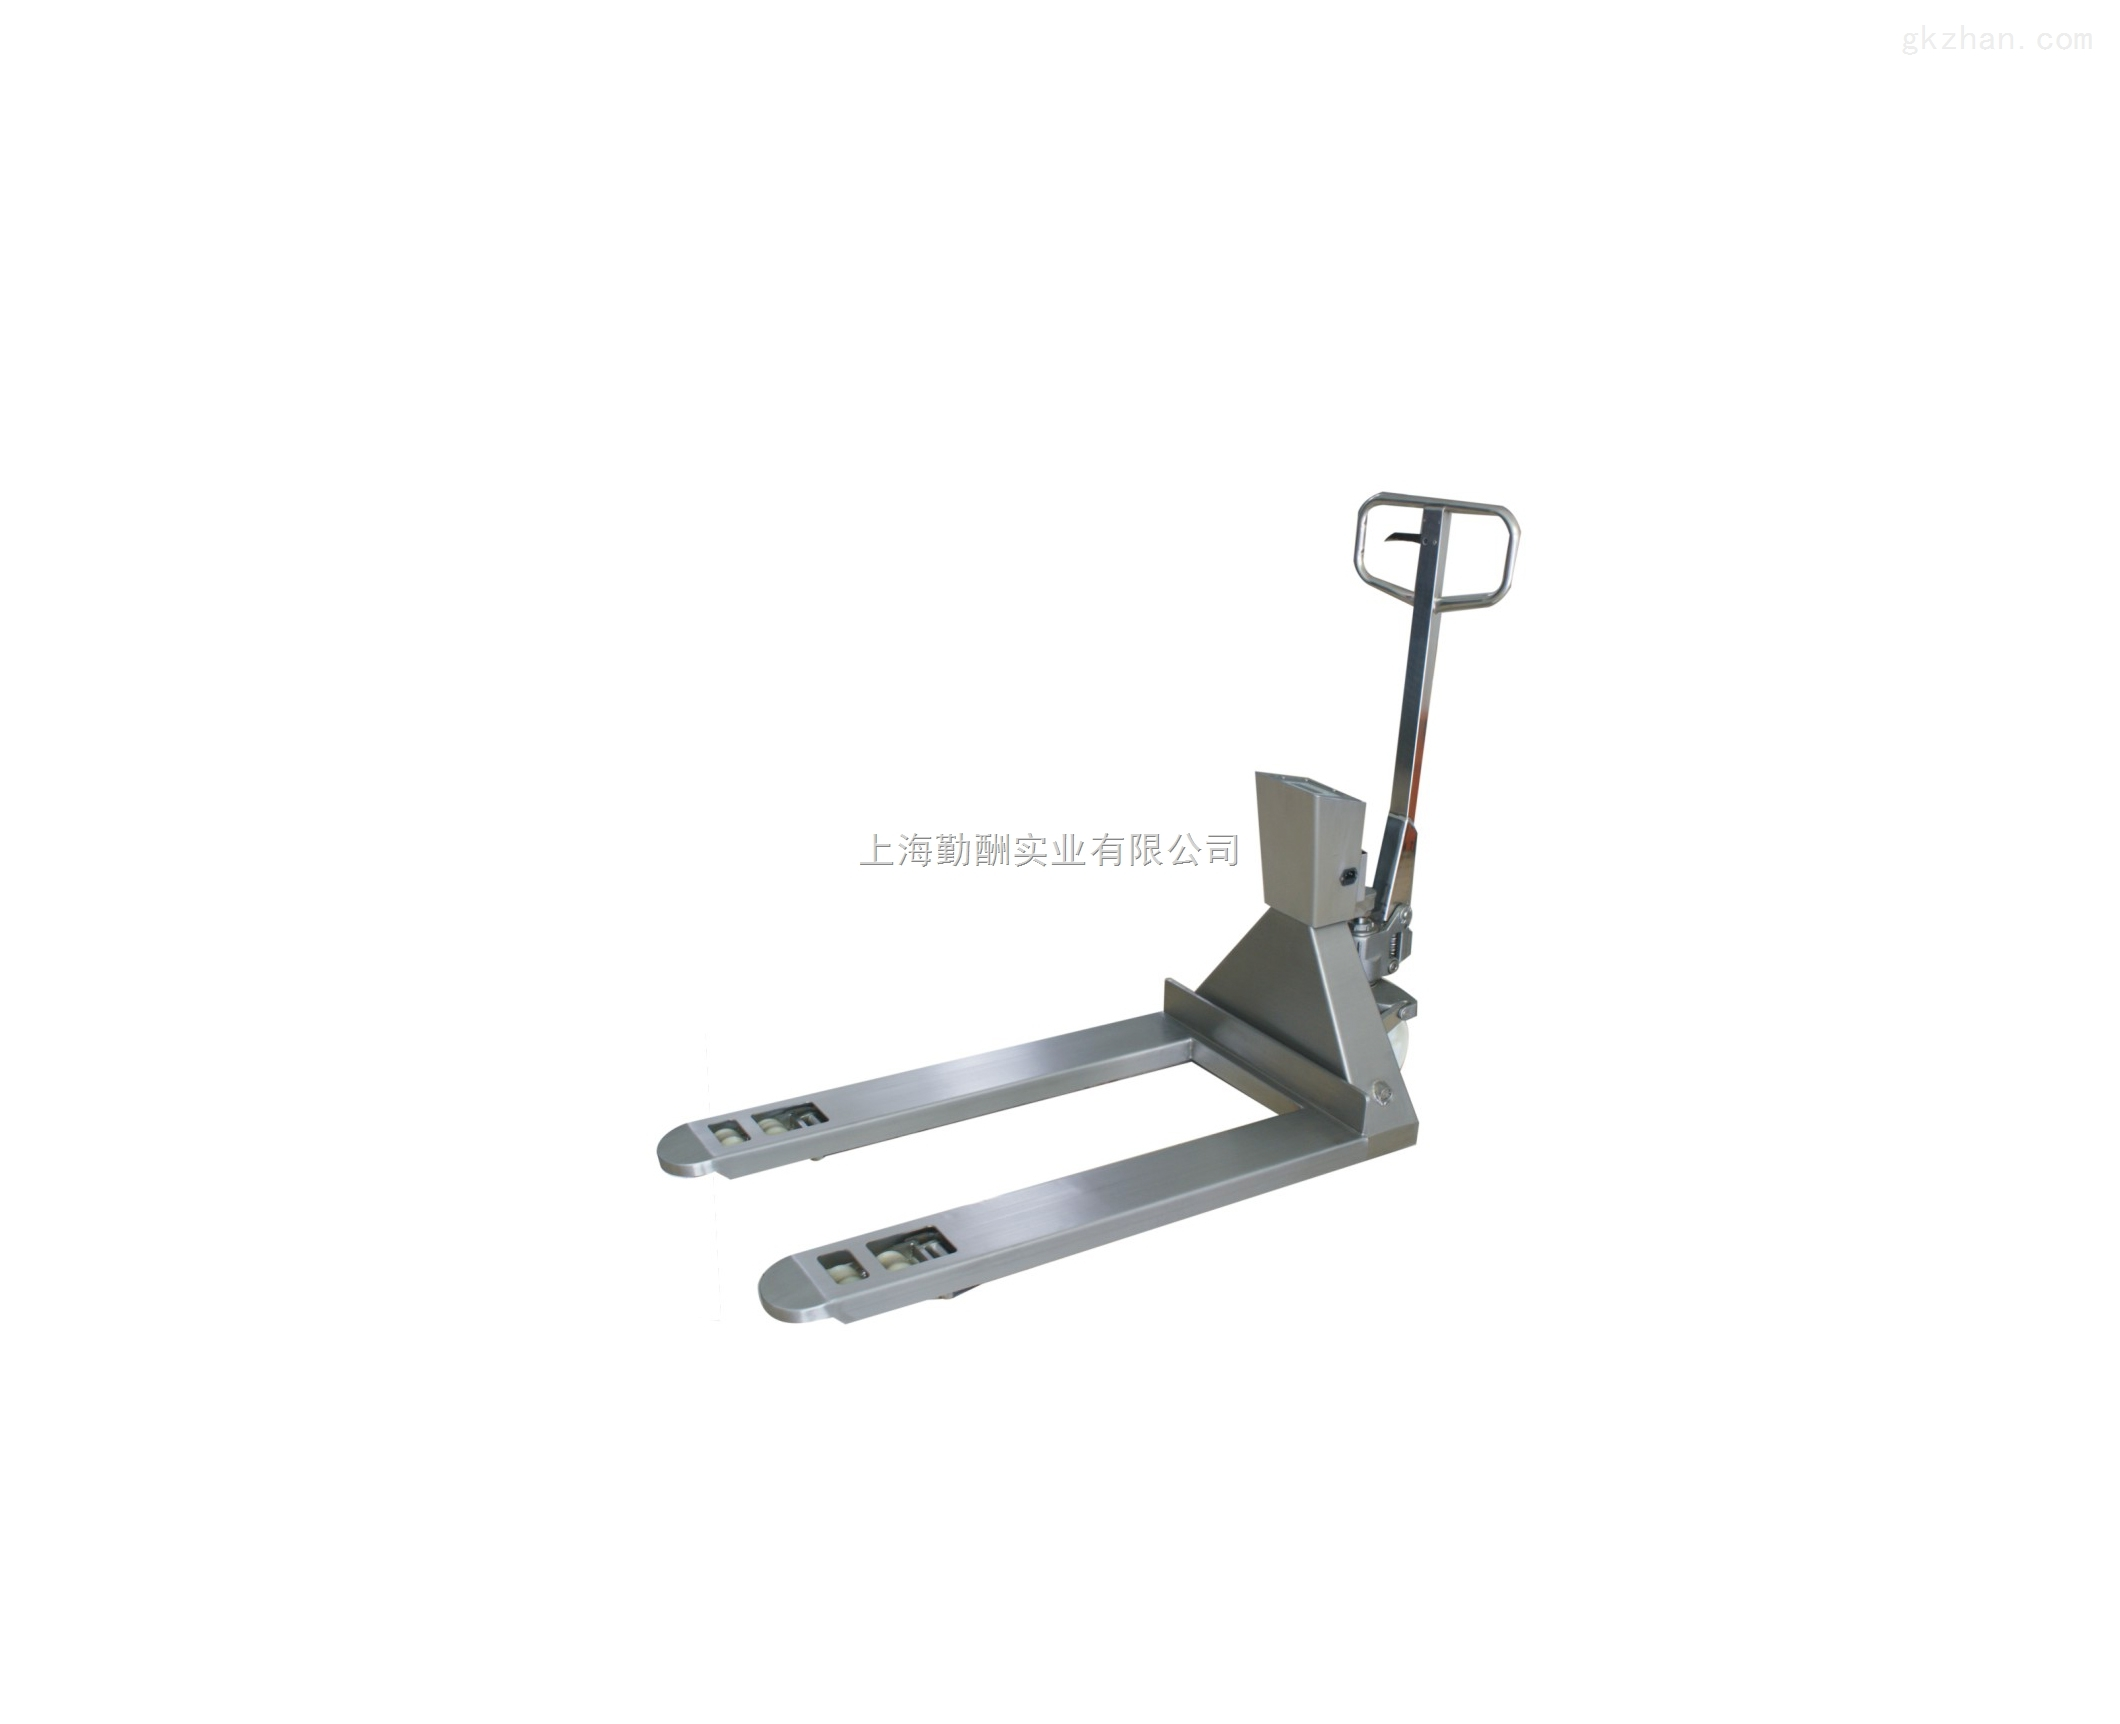 上海电子叉车秤专卖店,防爆1-3吨电子叉车秤价格